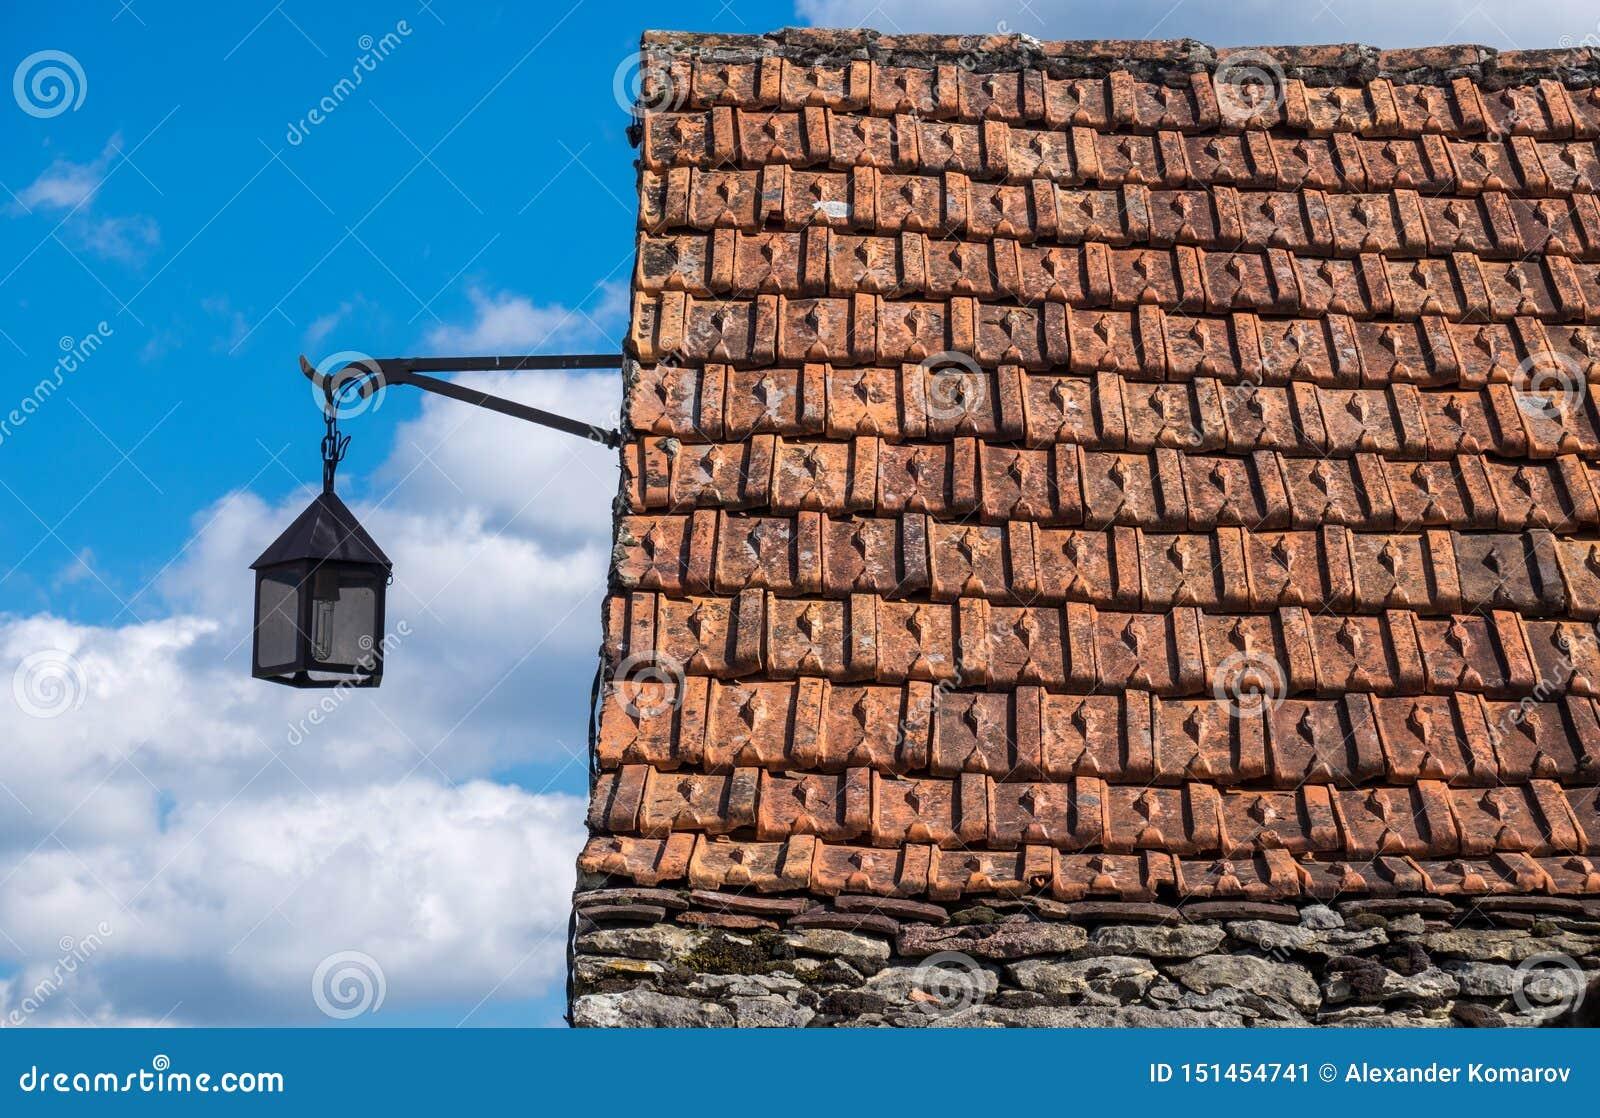 Tejado tejado de un granero de piedra antiguo y de una linterna